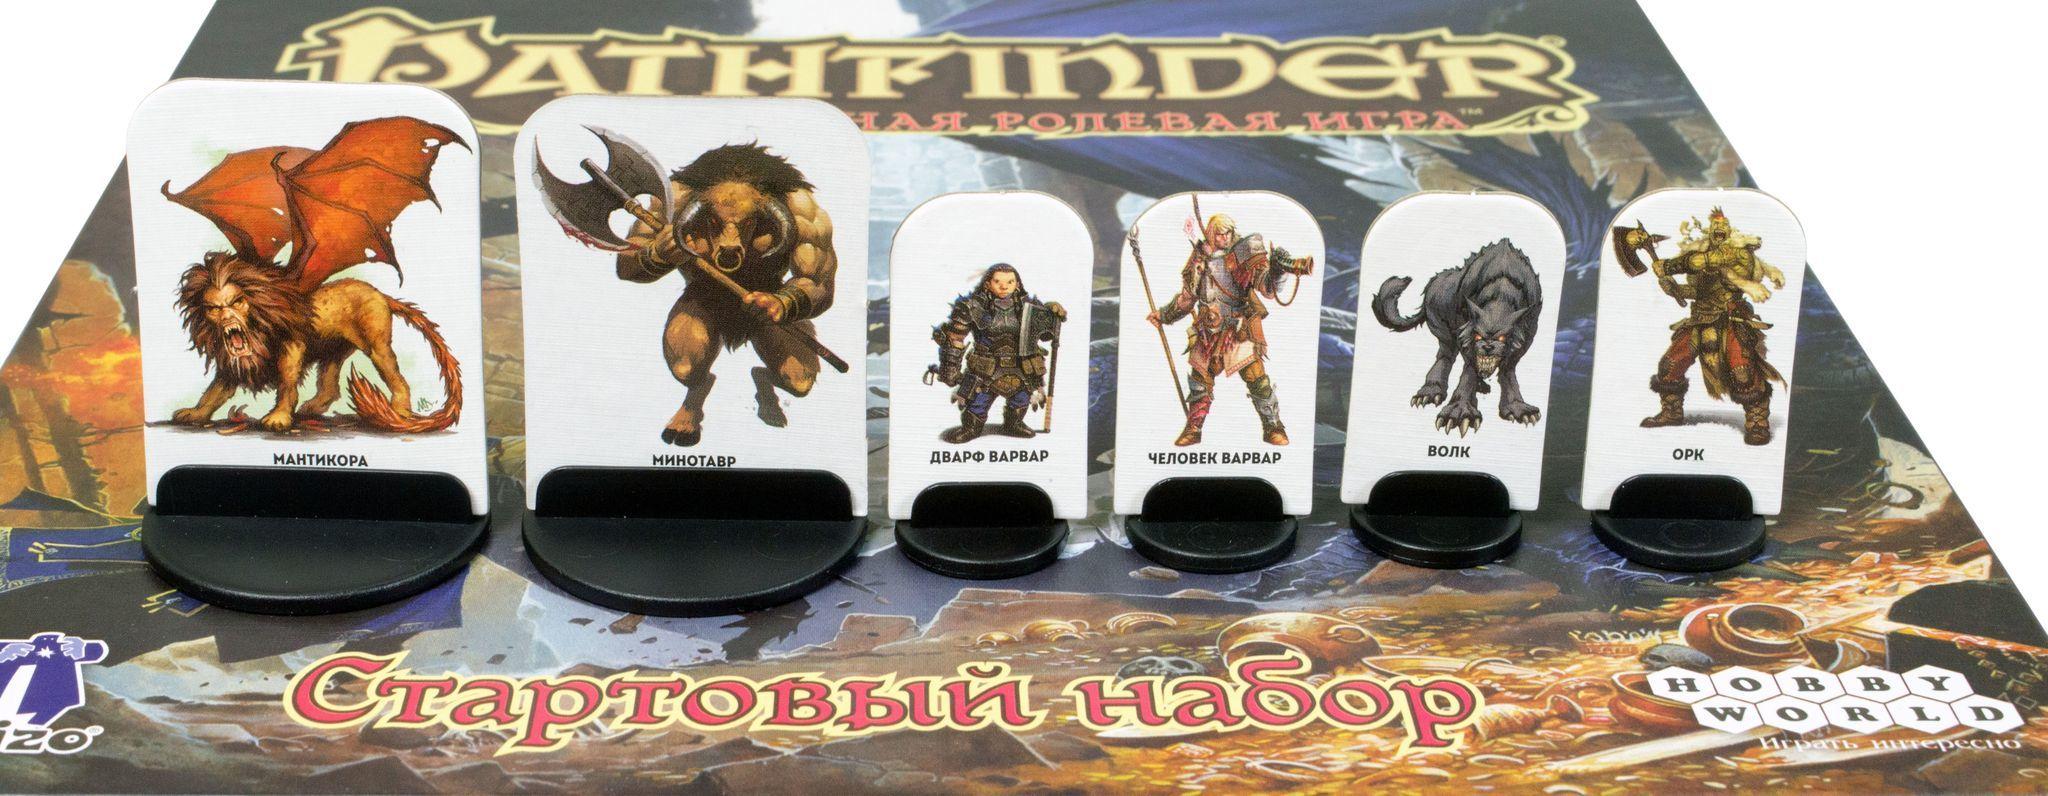 Настольная игра Pathfinder: Стартовый набор